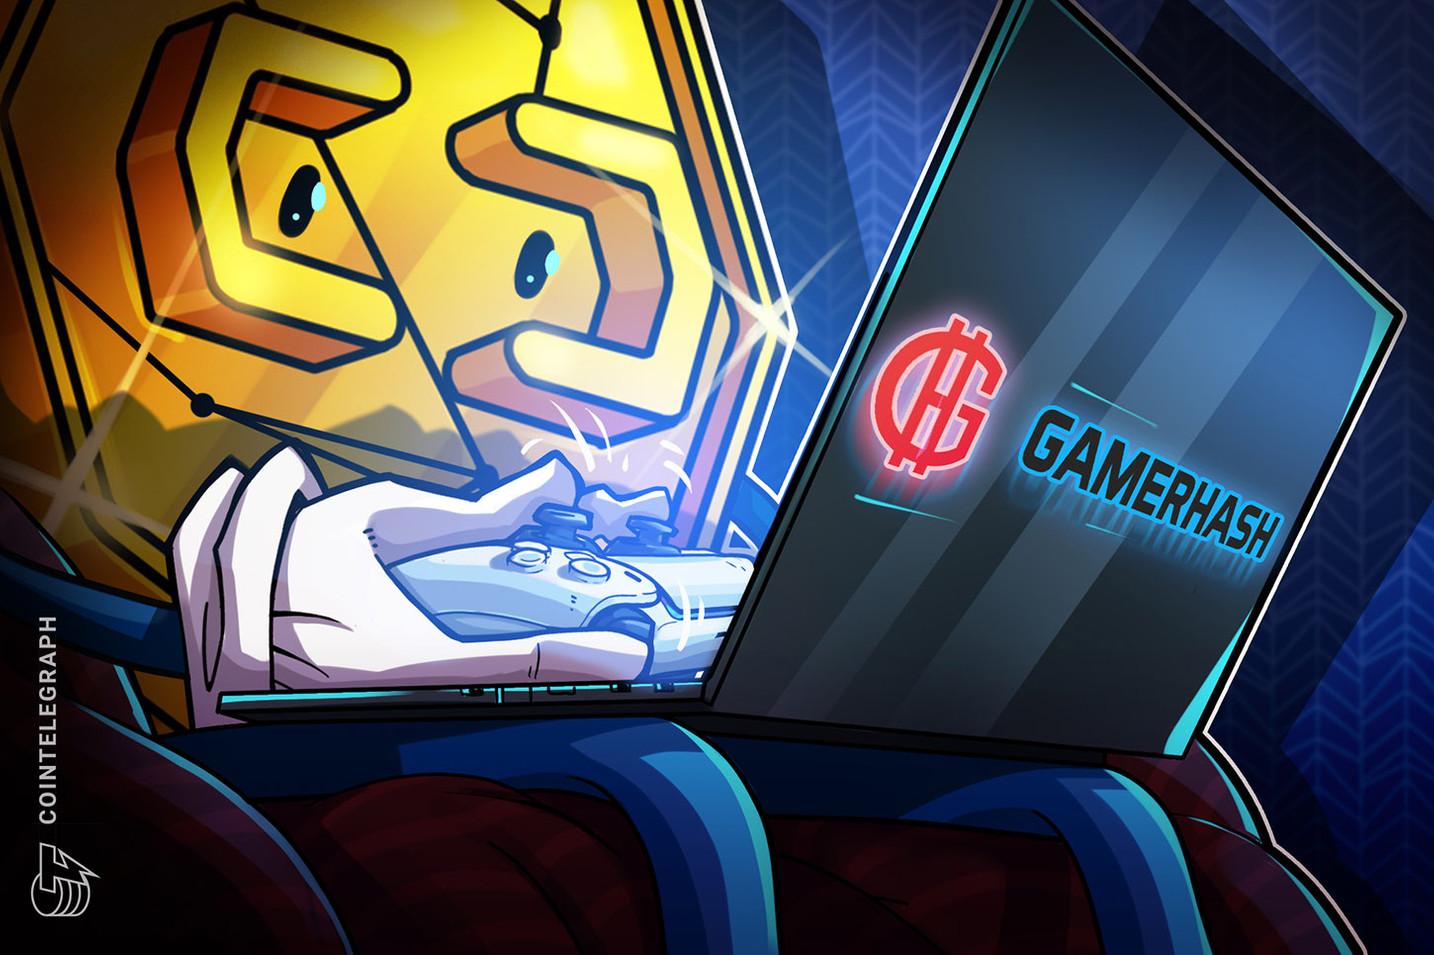 韓国の仮想通貨ブームで、プラットフォームはゲームチェンジャーになれるか?